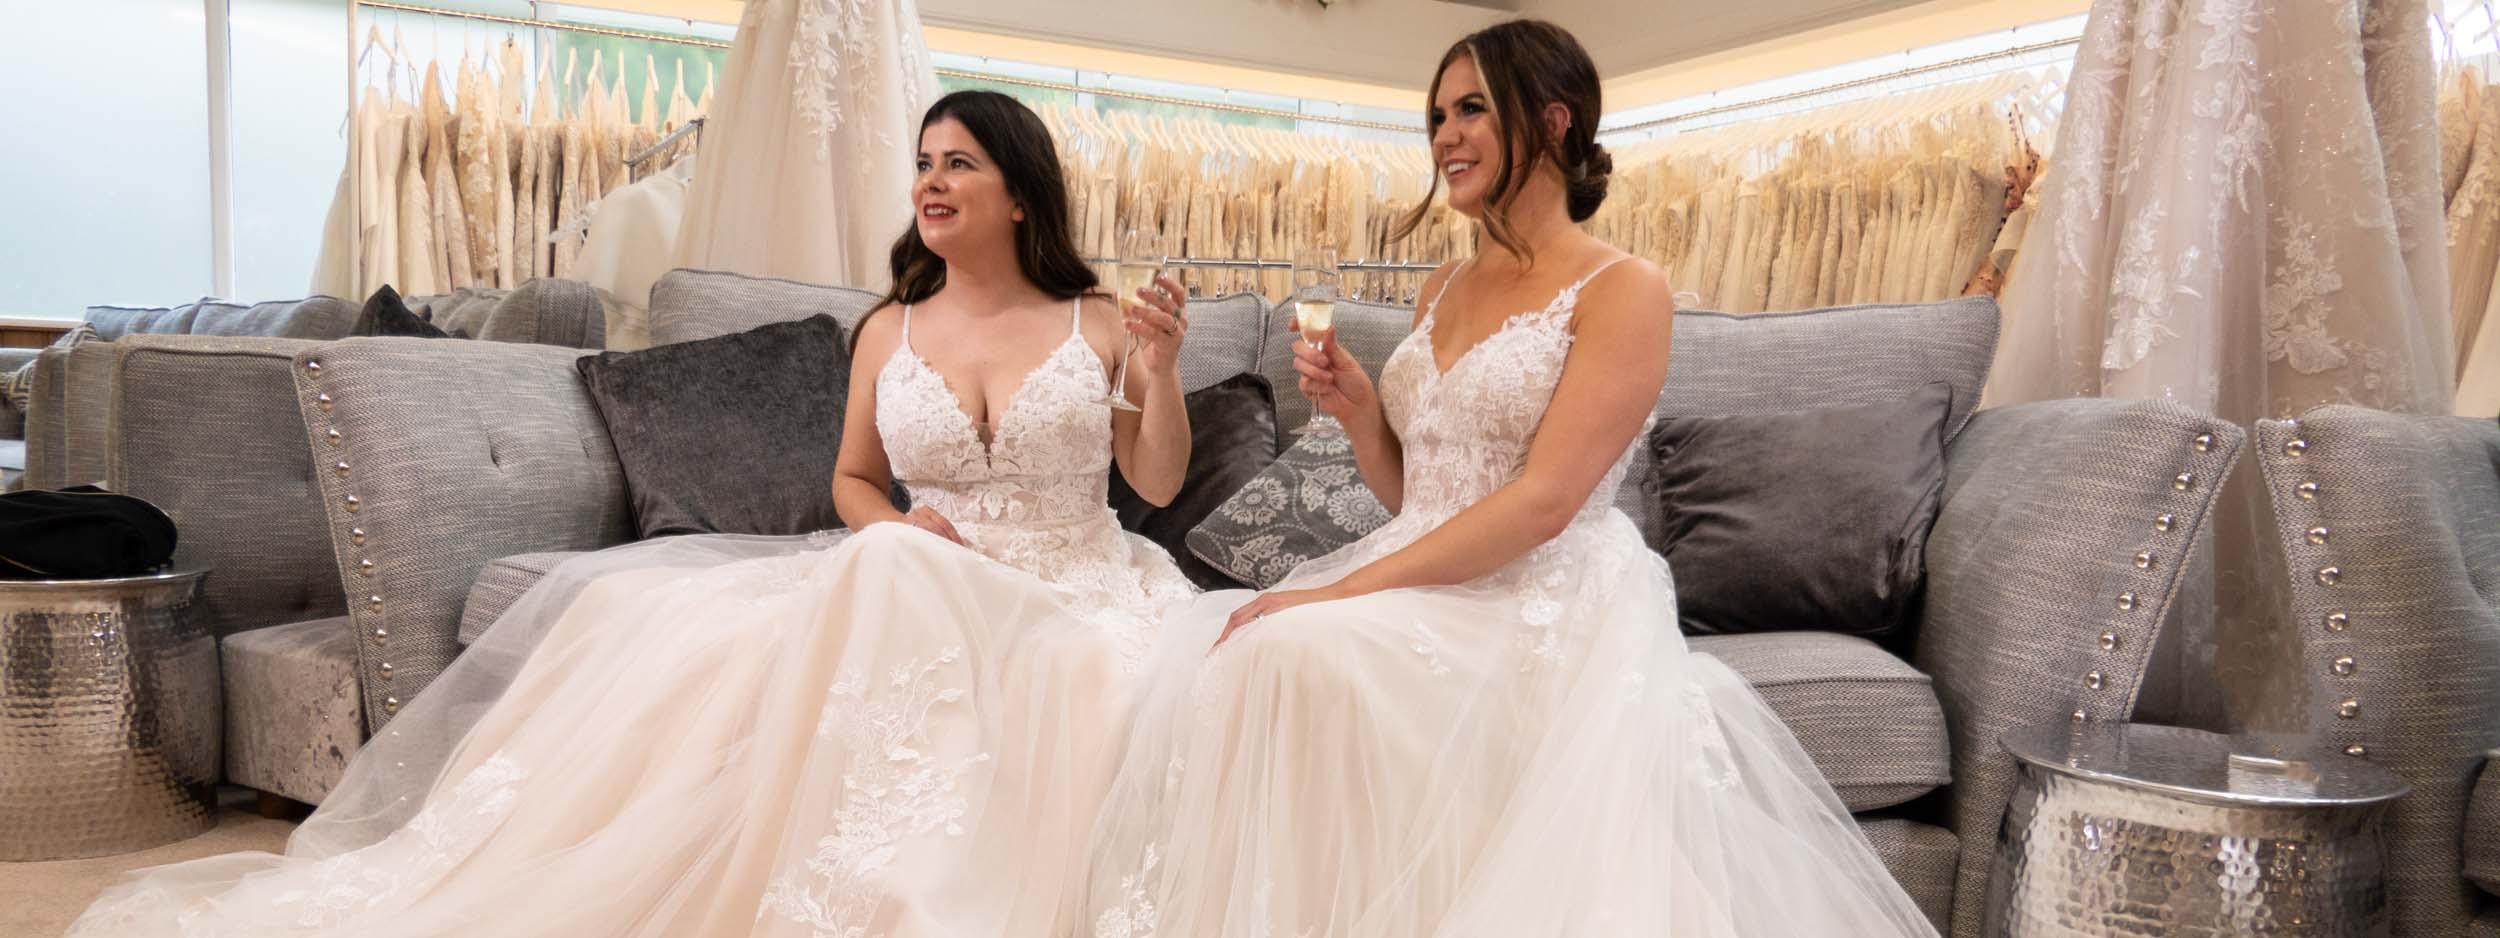 Wedding dress in Shropshire